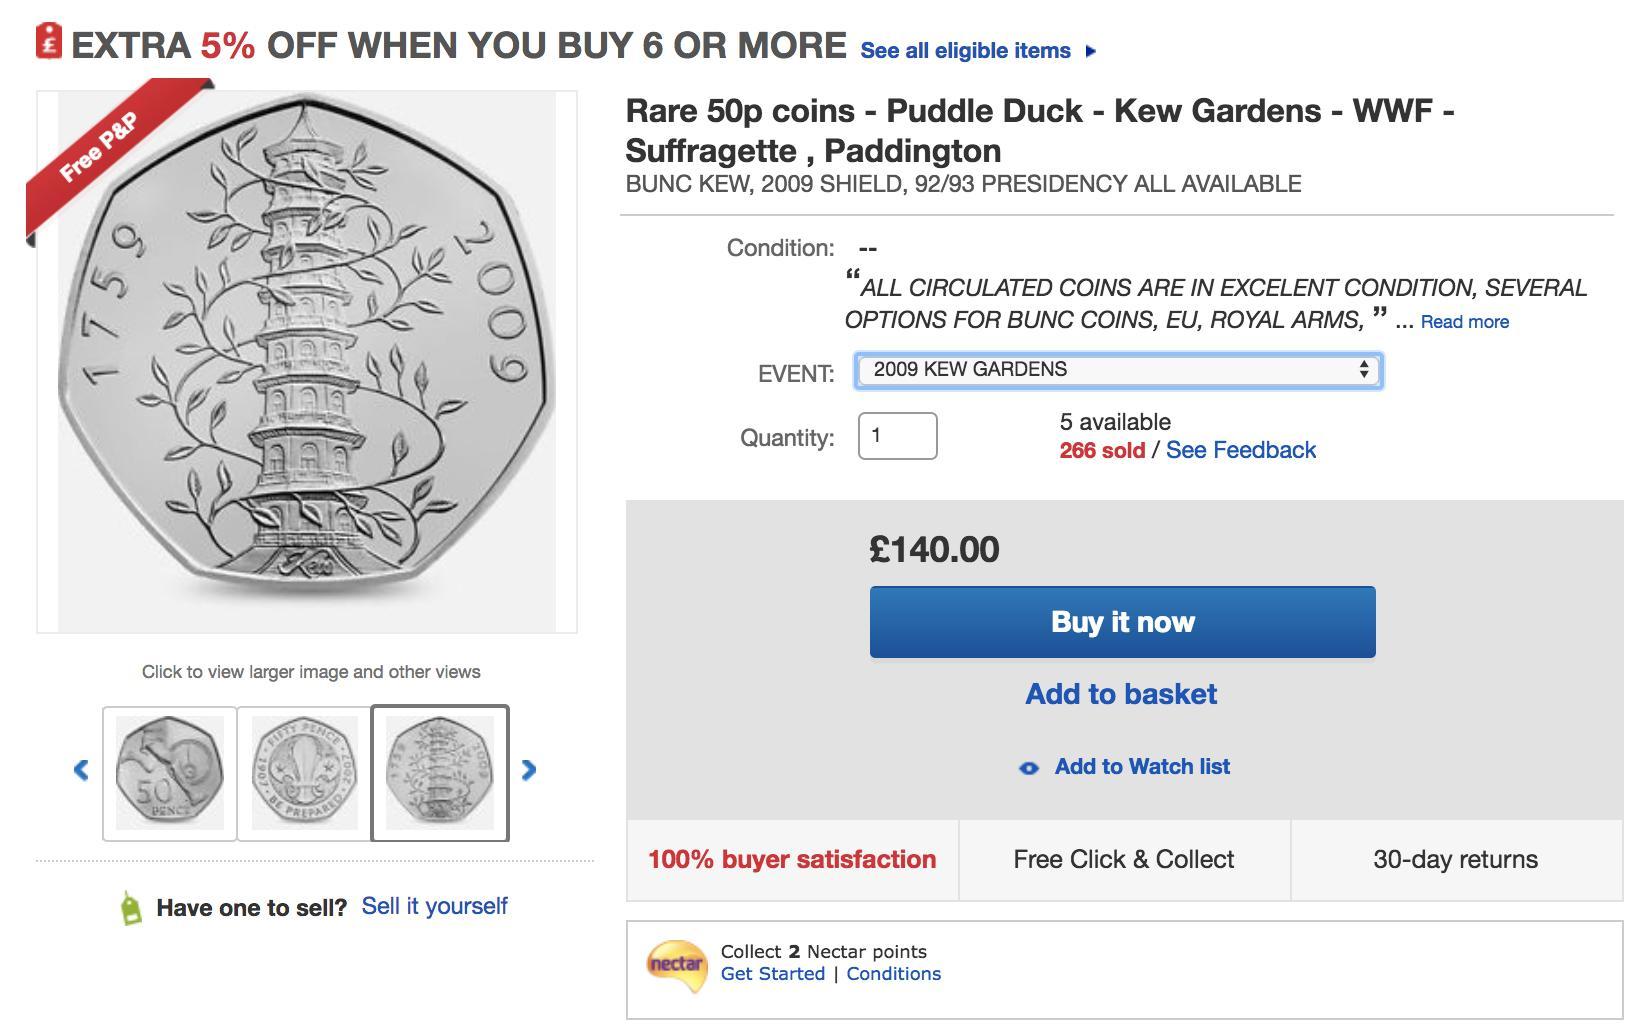 Kew Gardens rare coin